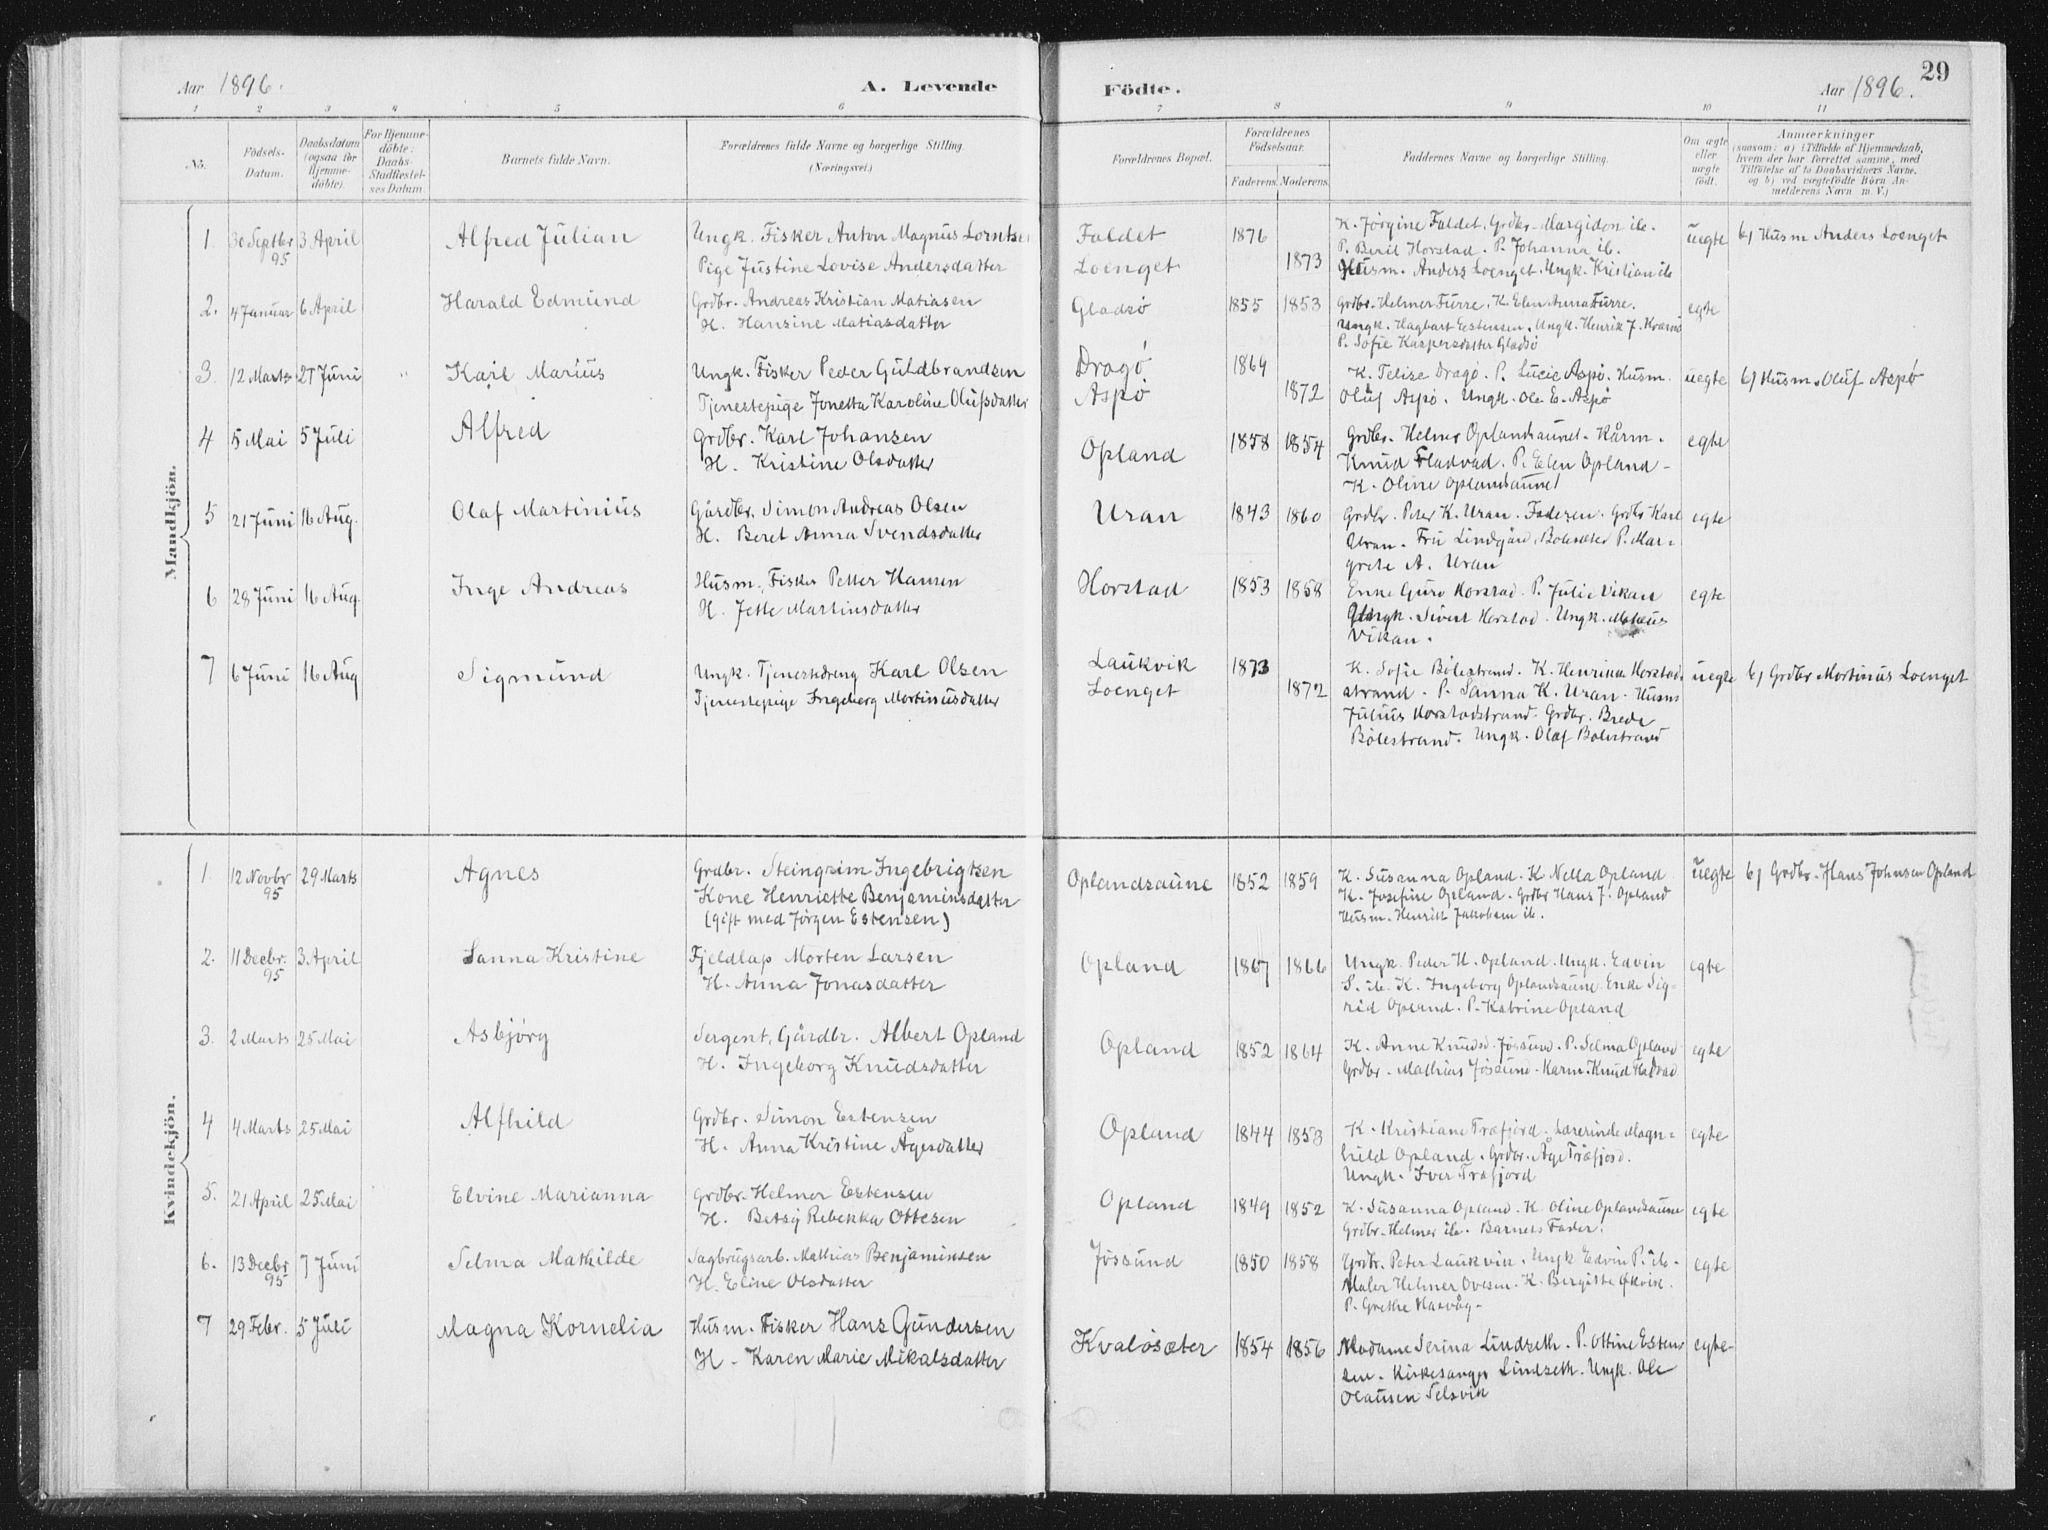 SAT, Ministerialprotokoller, klokkerbøker og fødselsregistre - Nord-Trøndelag, 771/L0597: Ministerialbok nr. 771A04, 1885-1910, s. 29